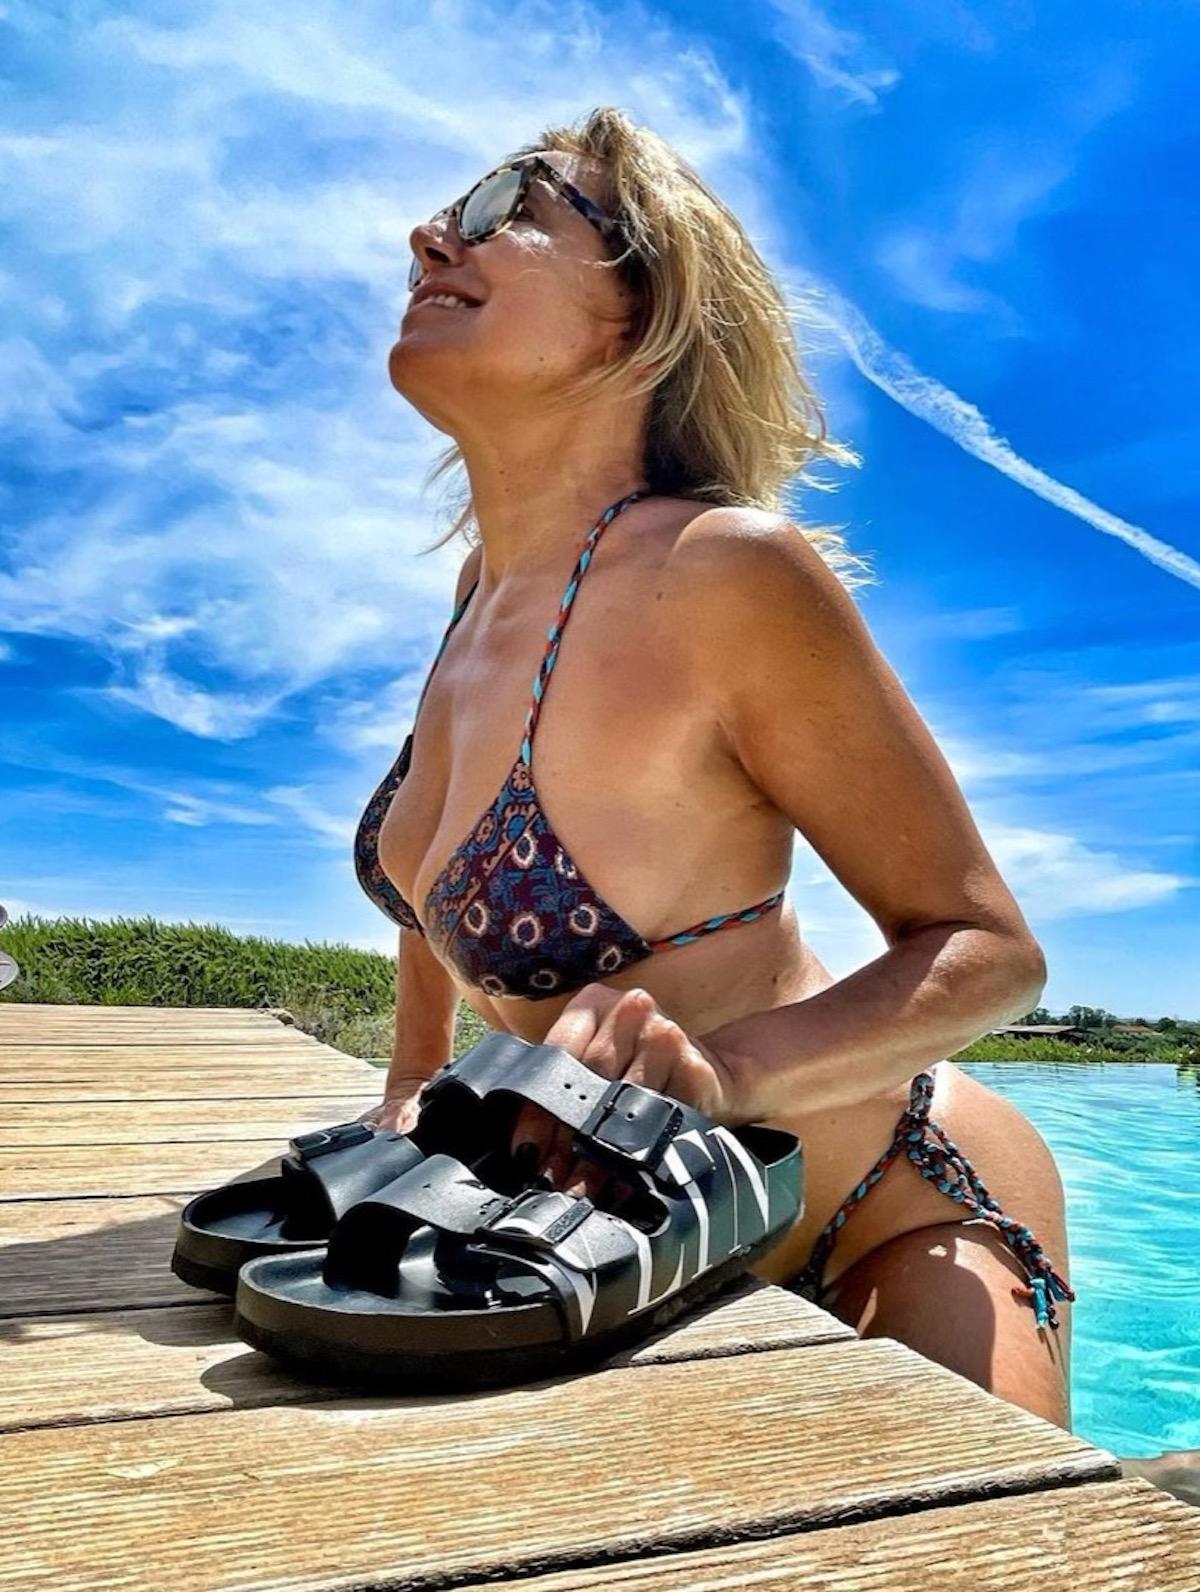 Barbara d'Urso bikini lato b 2021 critiche